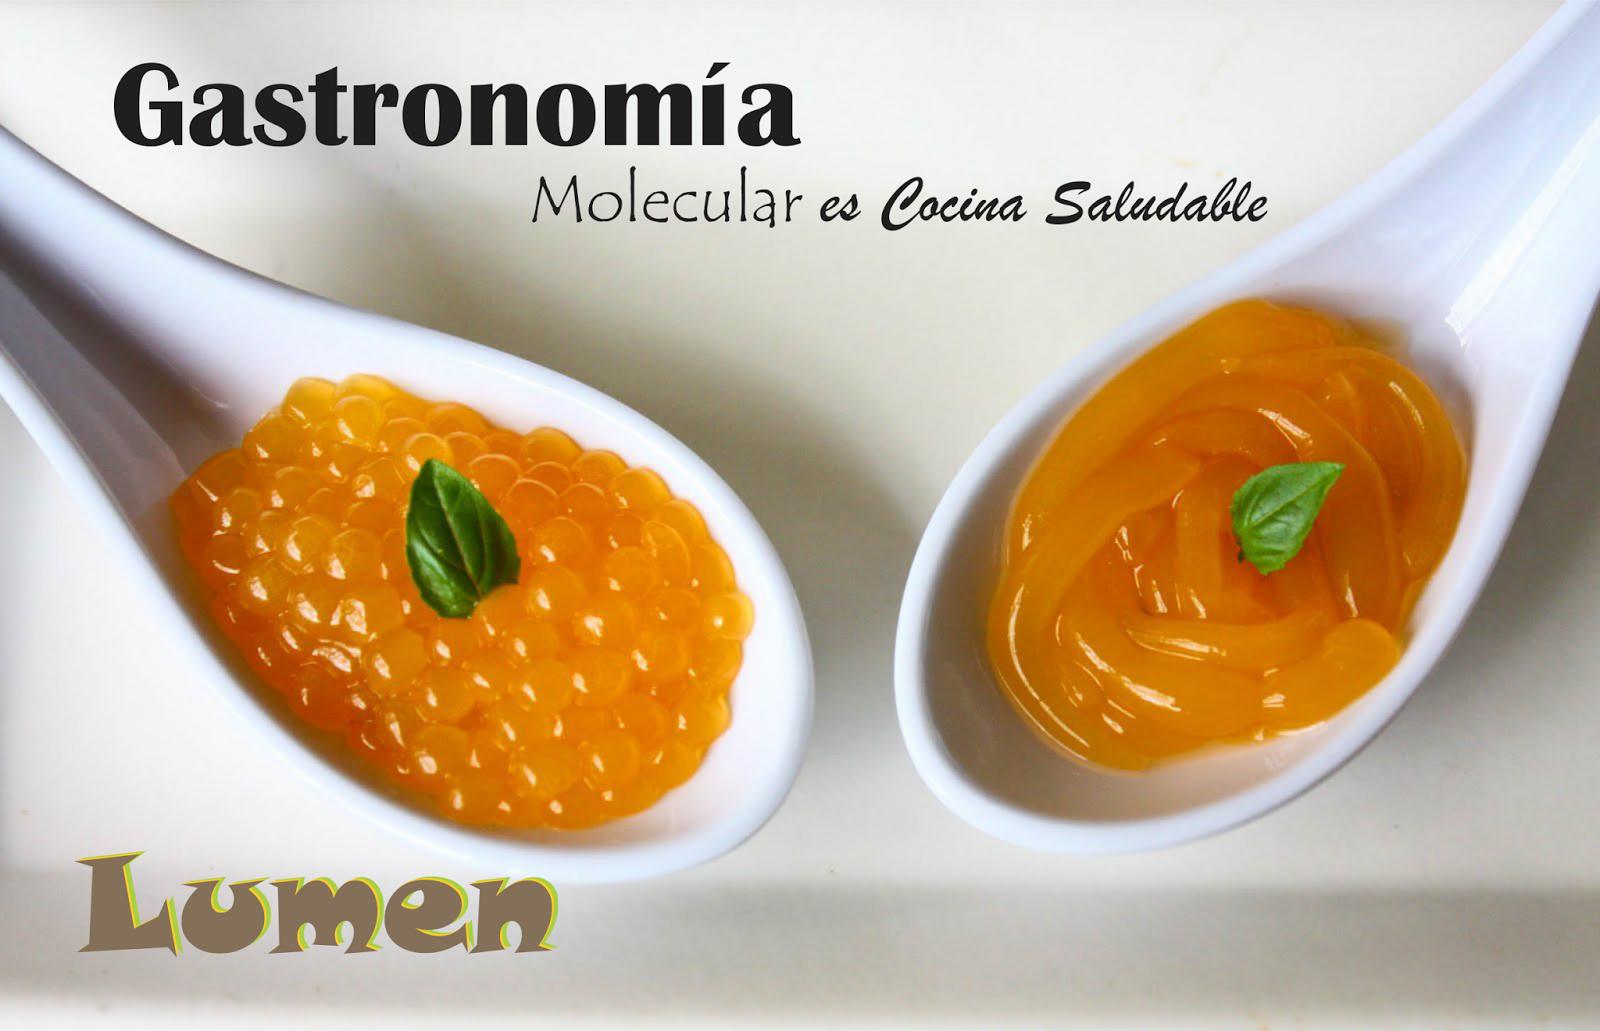 Lumenfri gastronom a molecular es cocina saludable for Cocina saludable